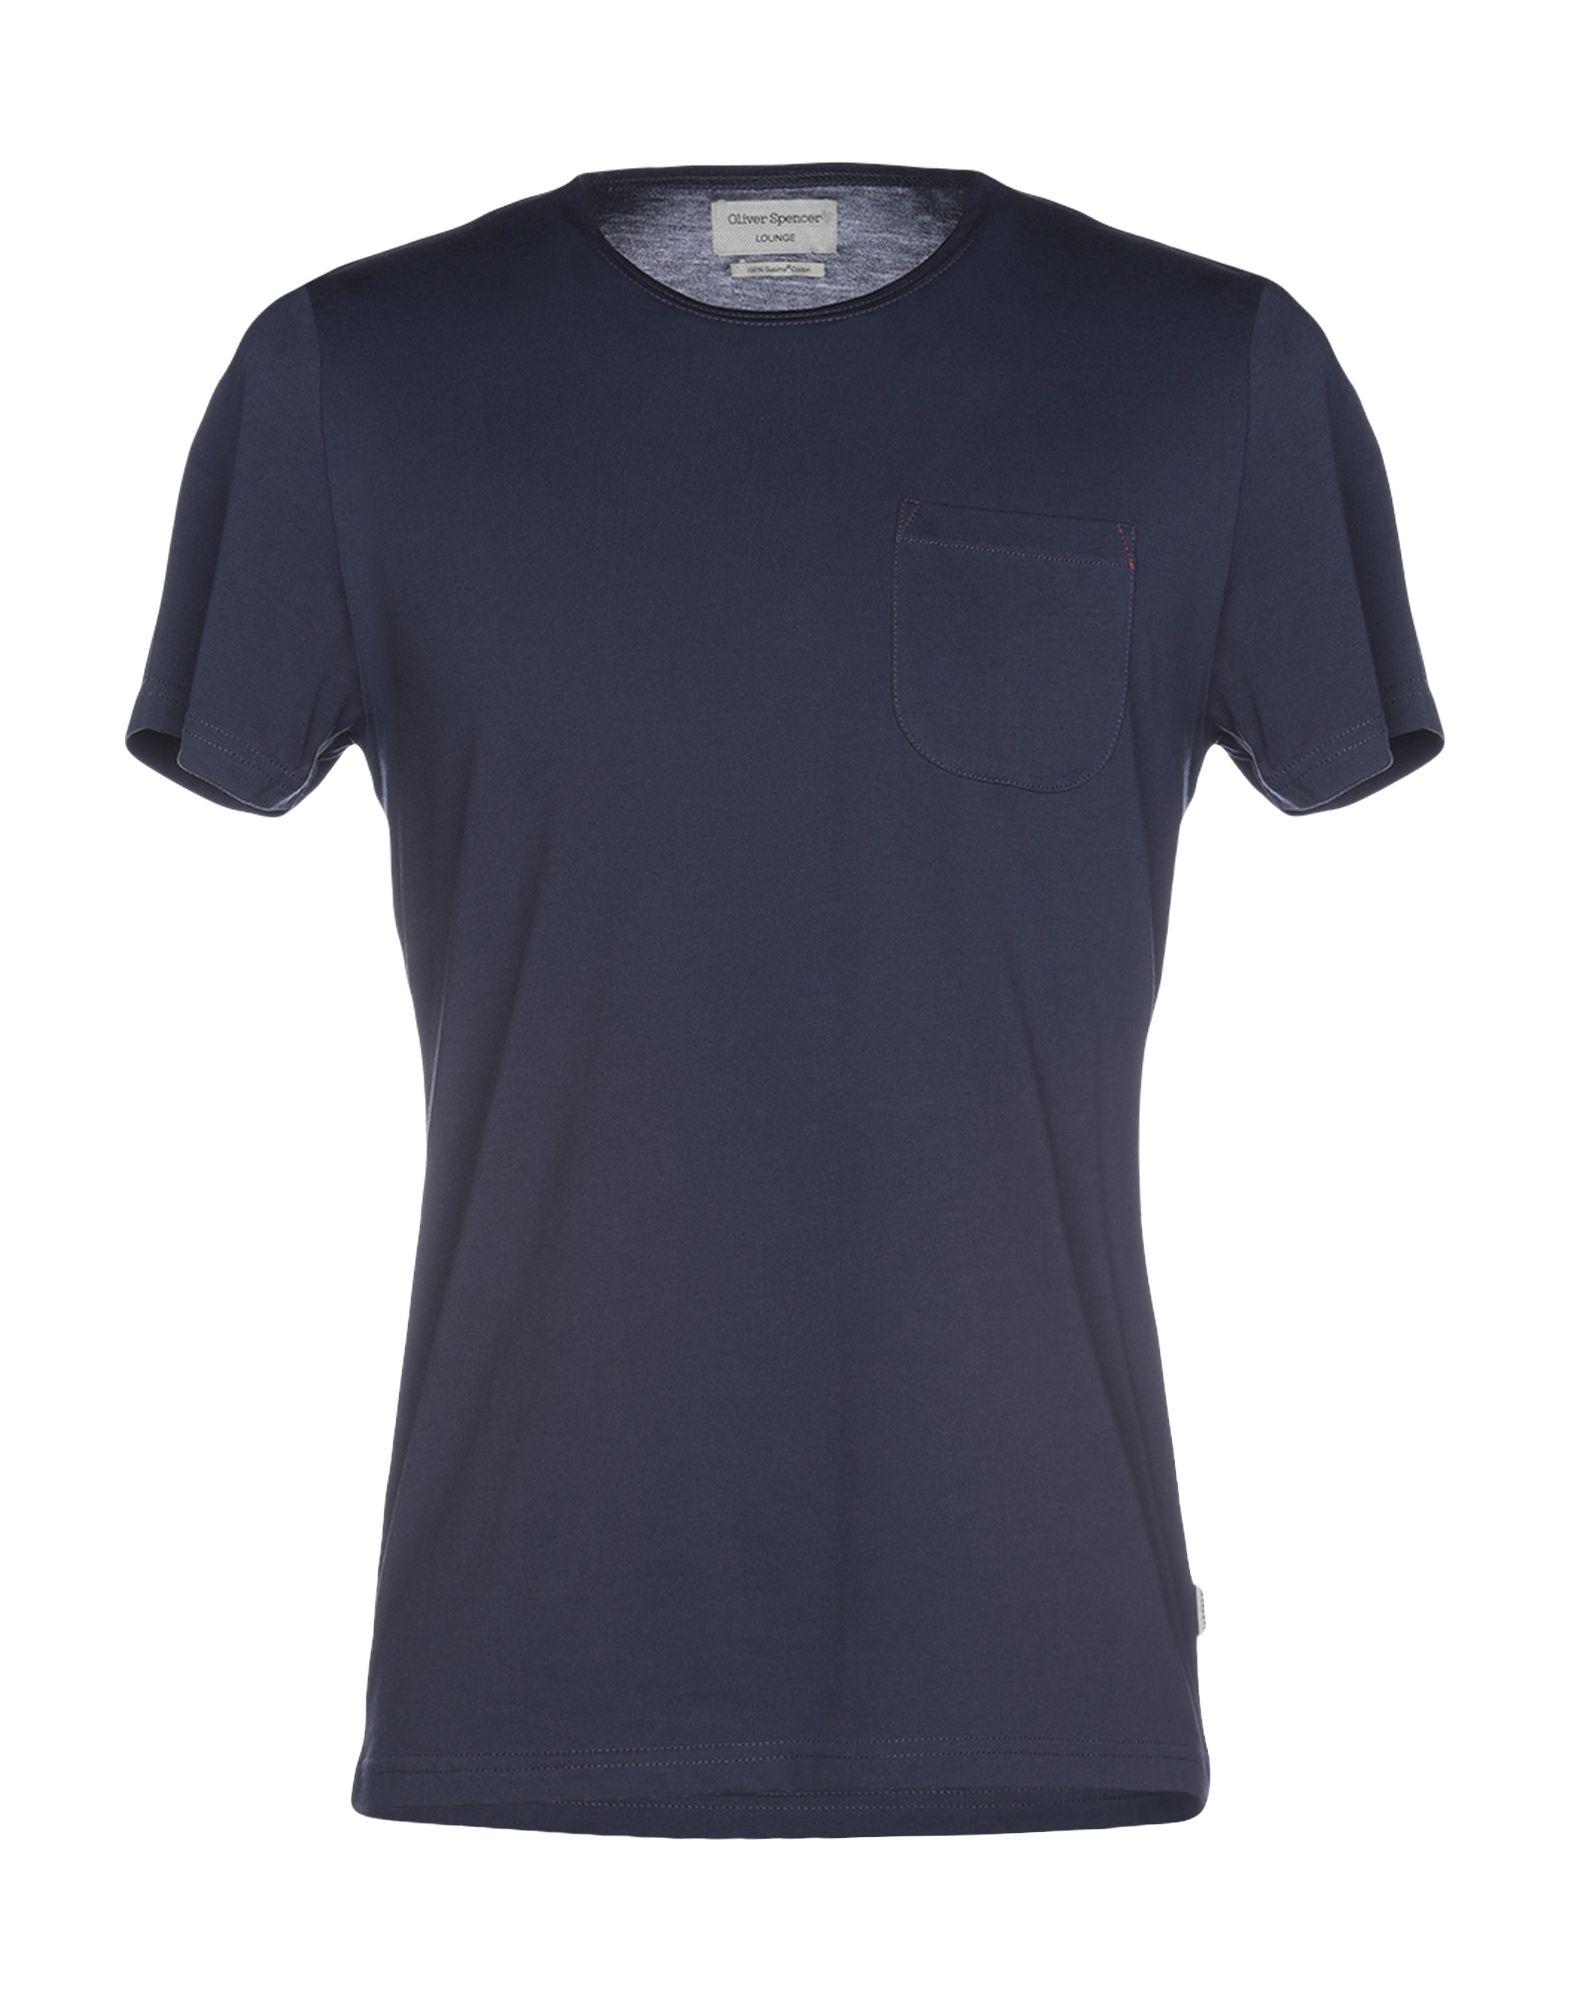 T-Shirt Oliver Spencer Spencer uomo - 12228315LM  Ihre Zufriedenheit ist unser Ziel